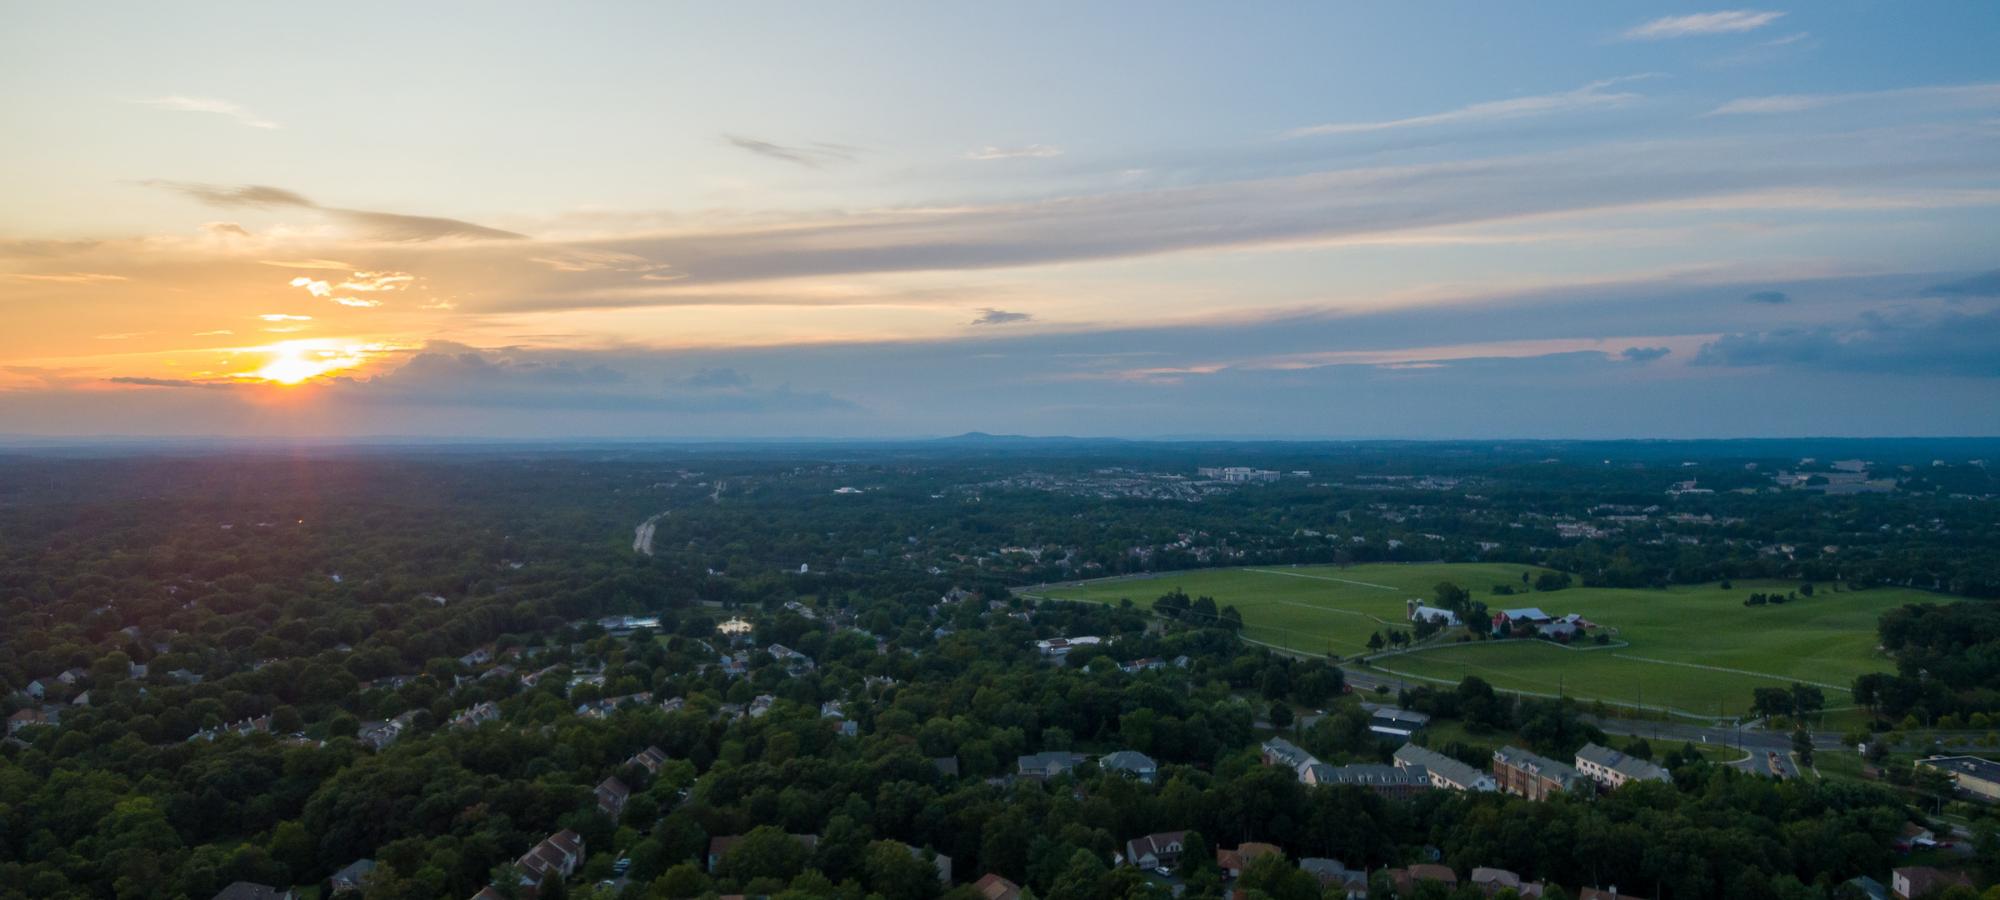 Gaithersburg MD skyline